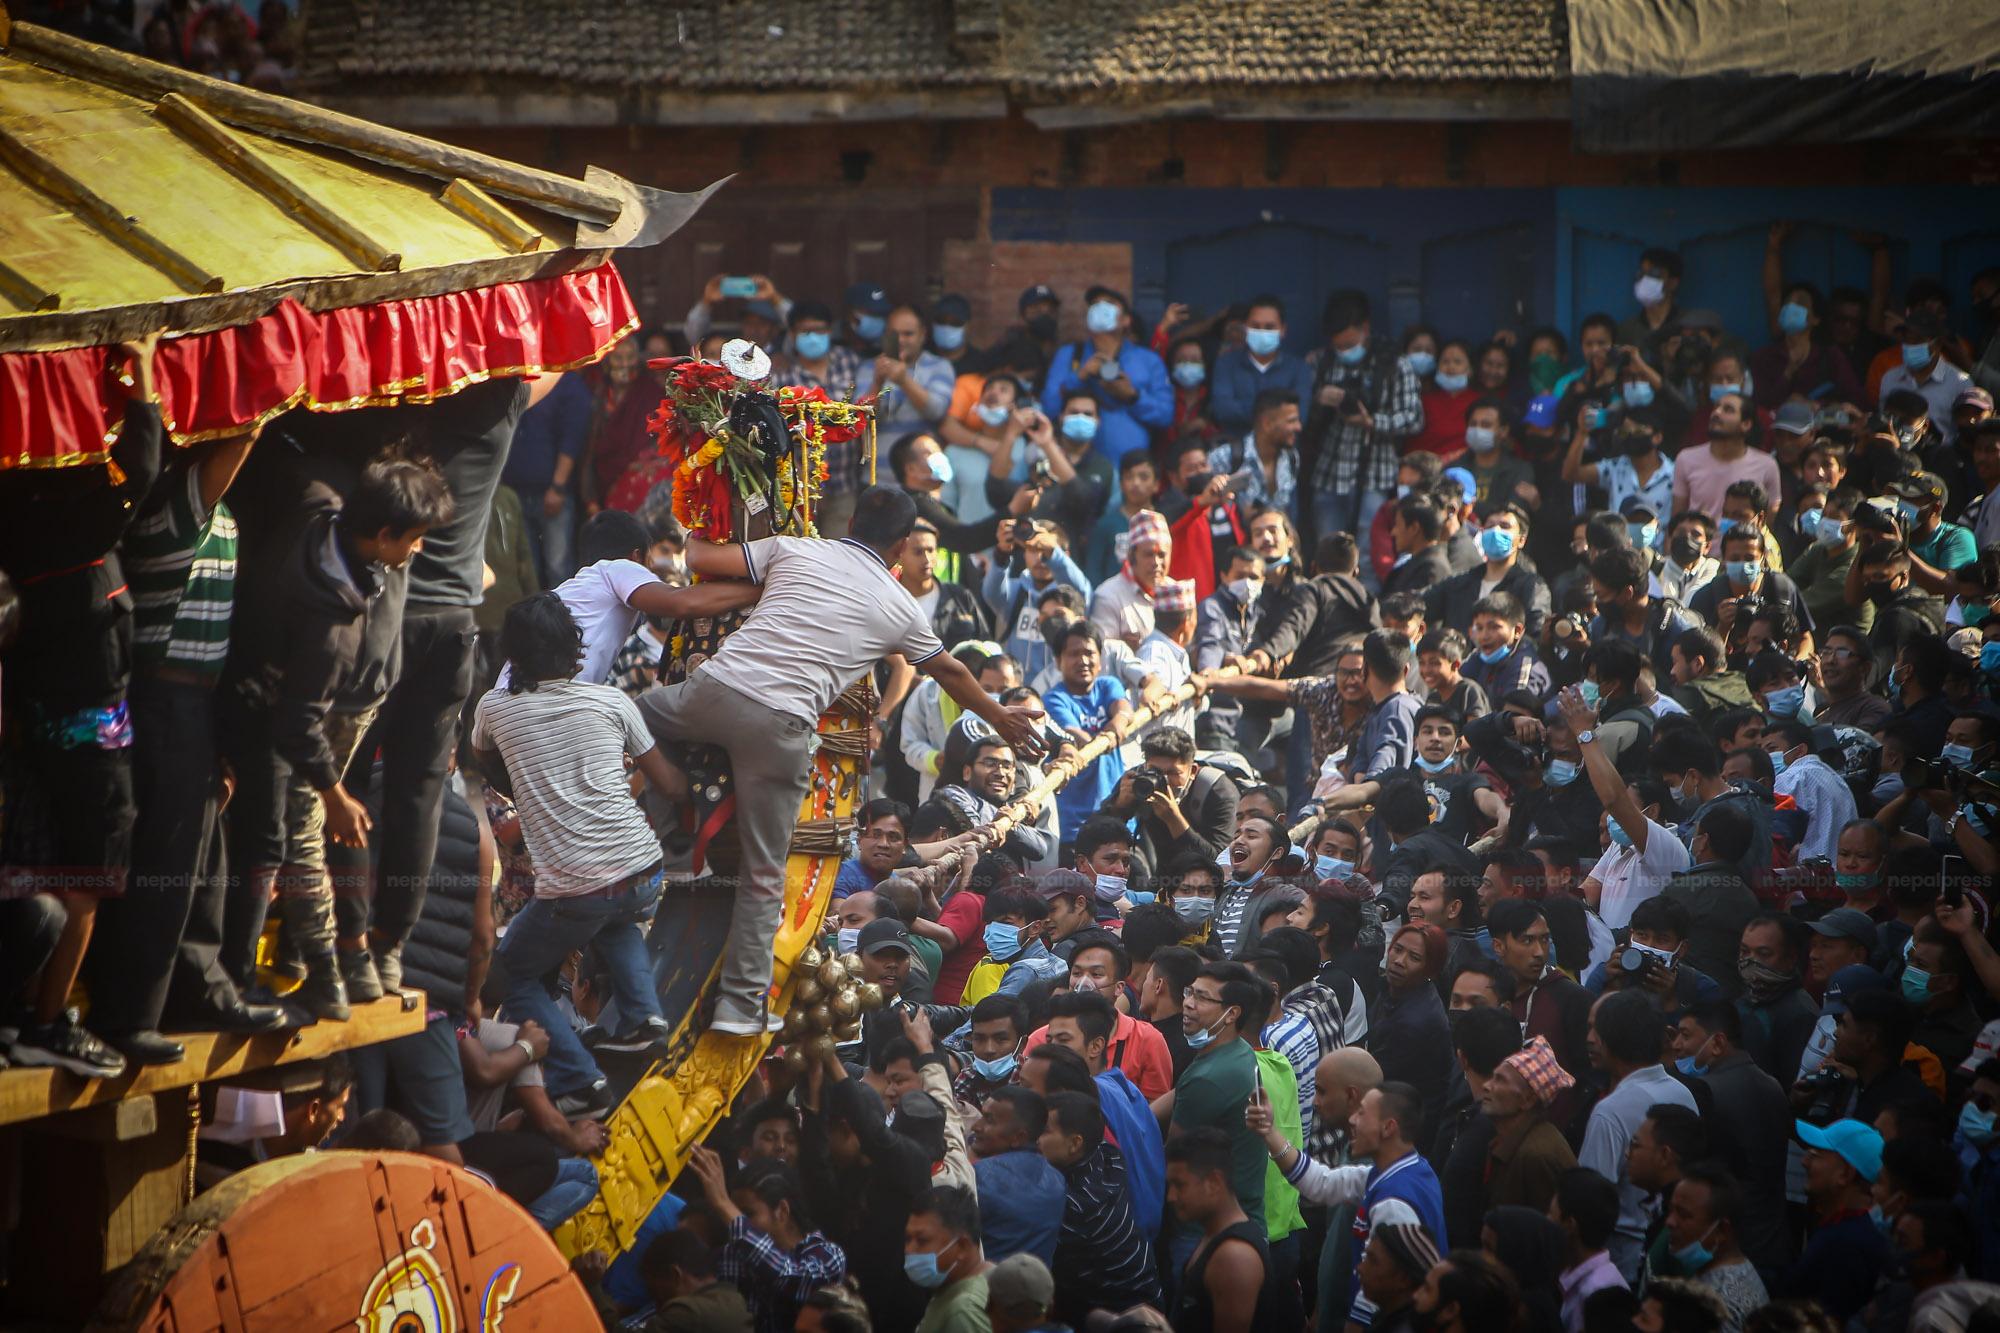 कोरोना बिर्सँदै भक्तपुरमा बिस्का: जात्राको रौनक (फोटो फिचर)